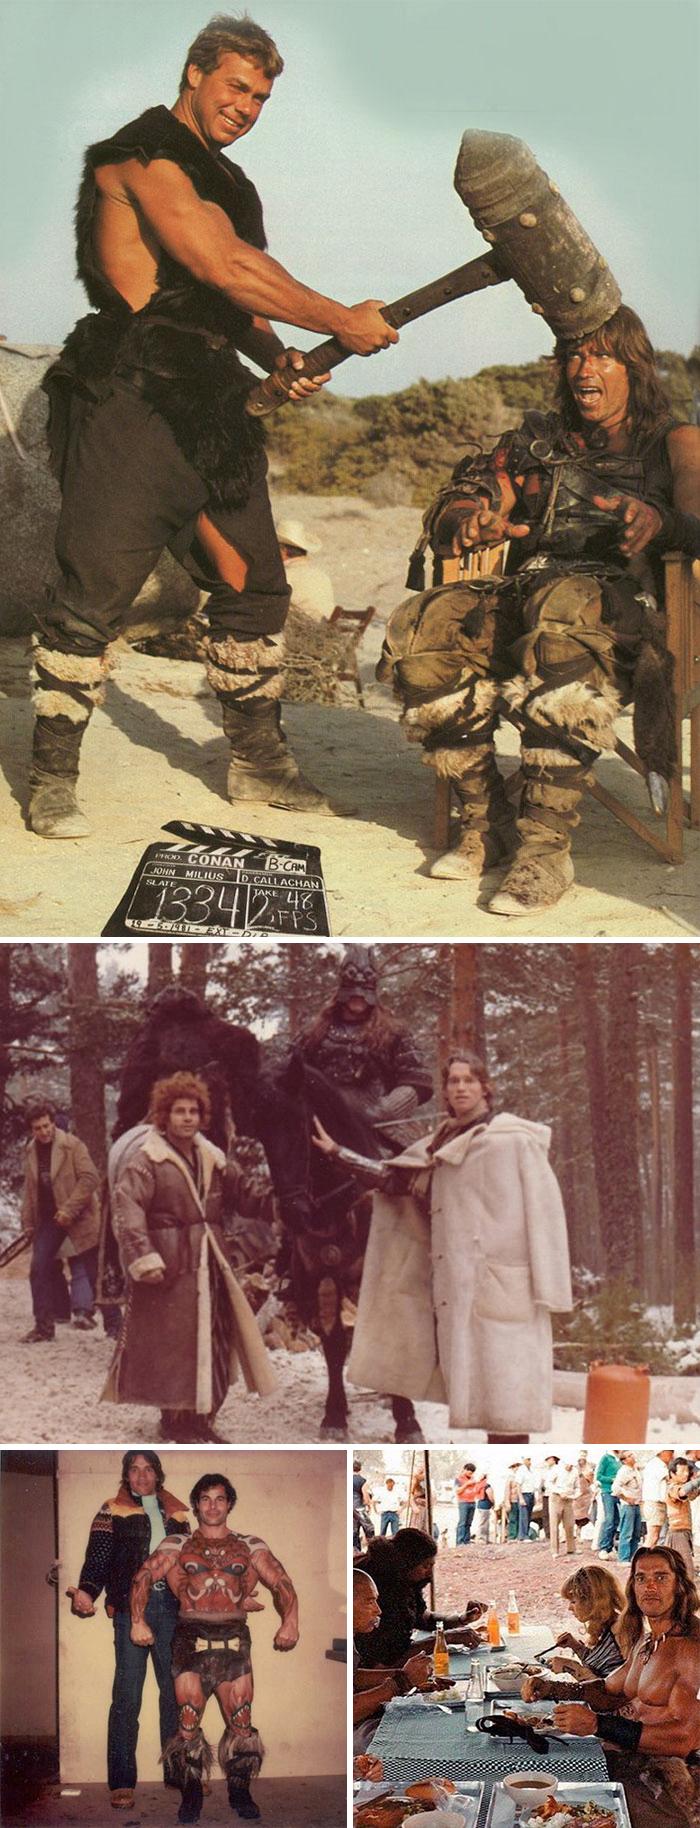 movies behind the scenes 41 5d566a4c32c30  700 - Por trás das cenas: Foto dos bastidores de filmes que marcaram época